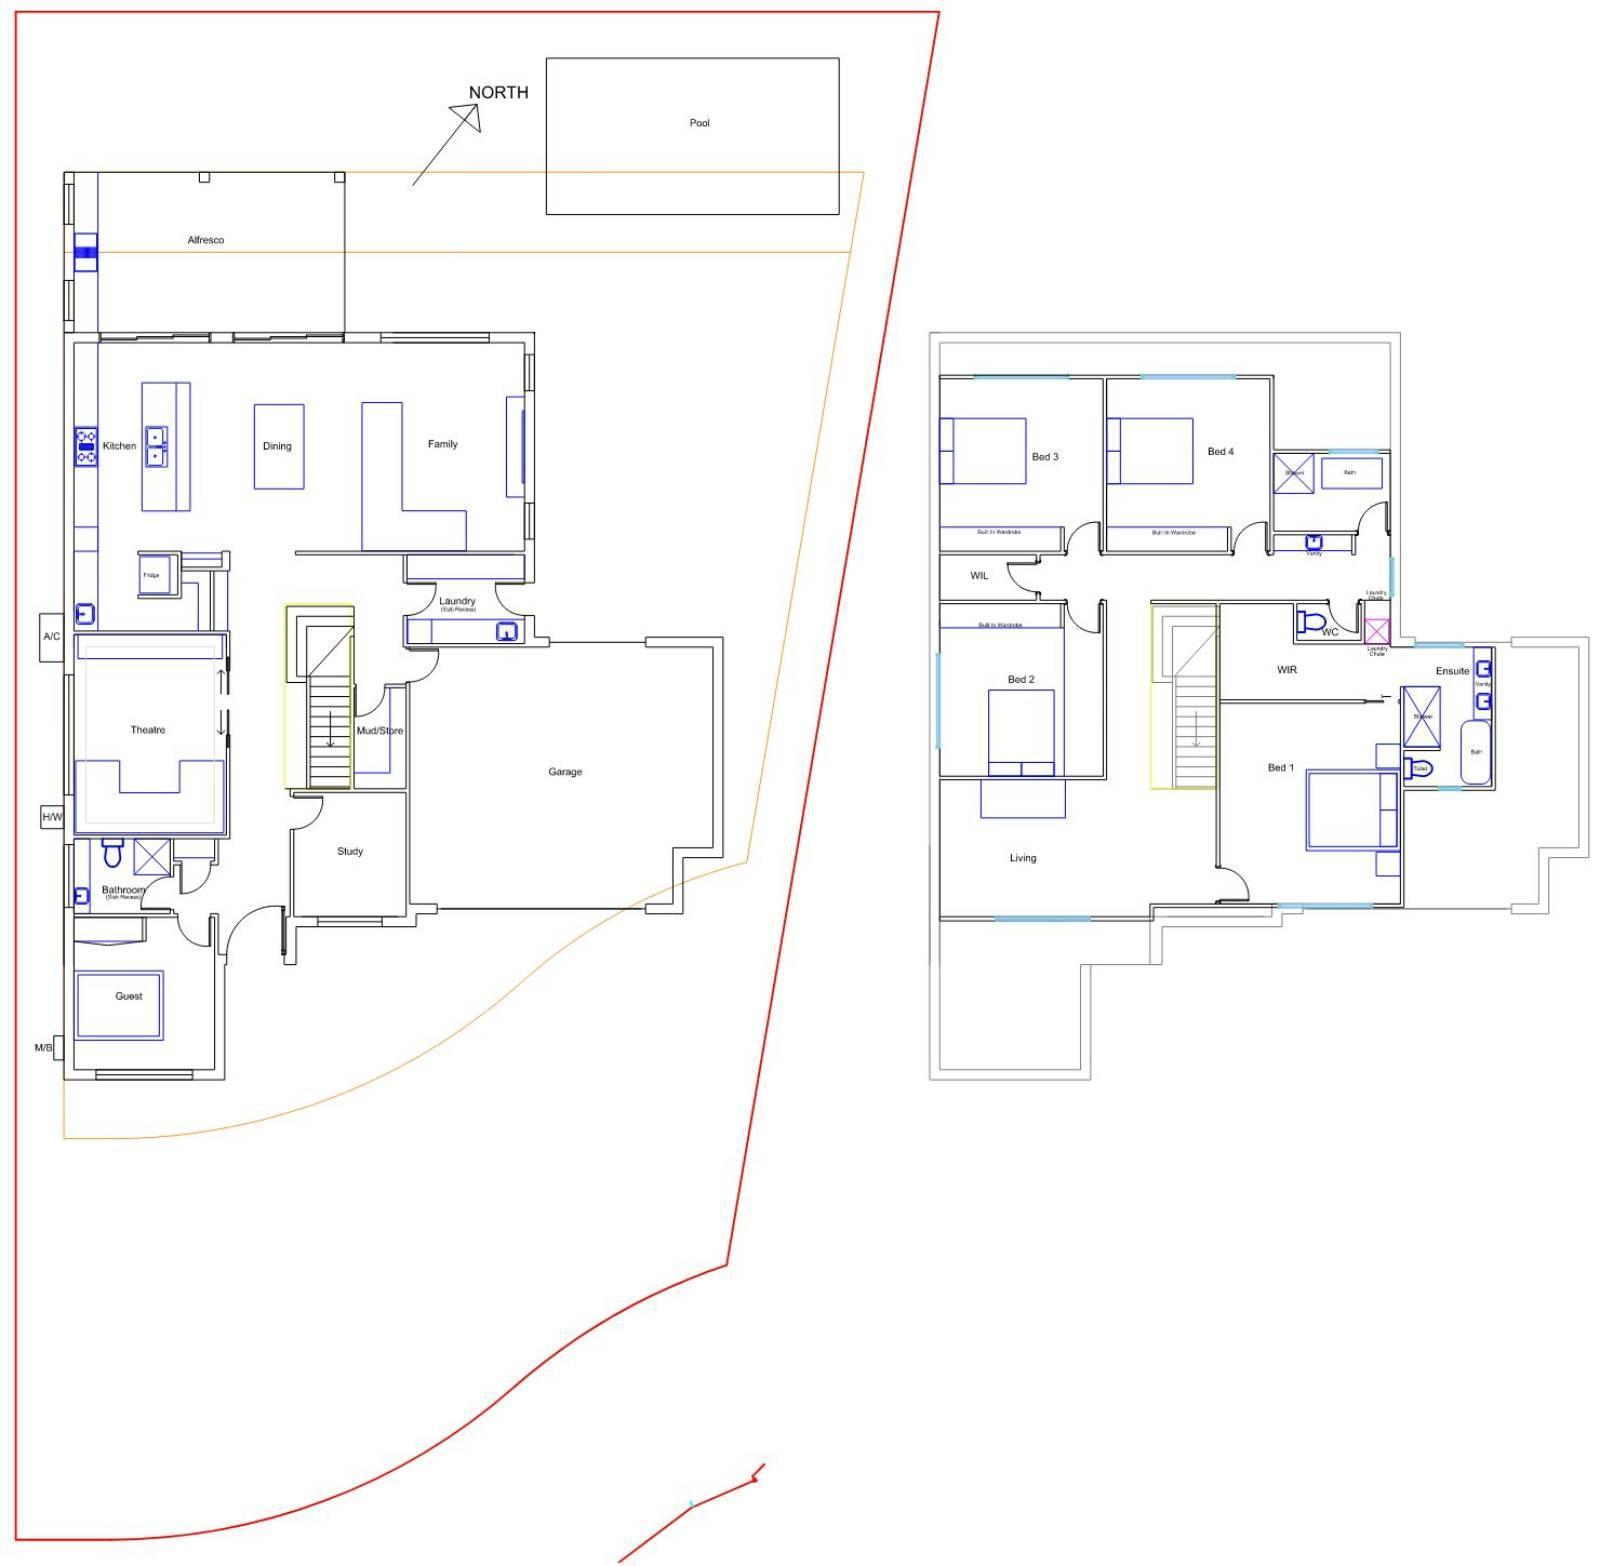 Floor plan feedback.